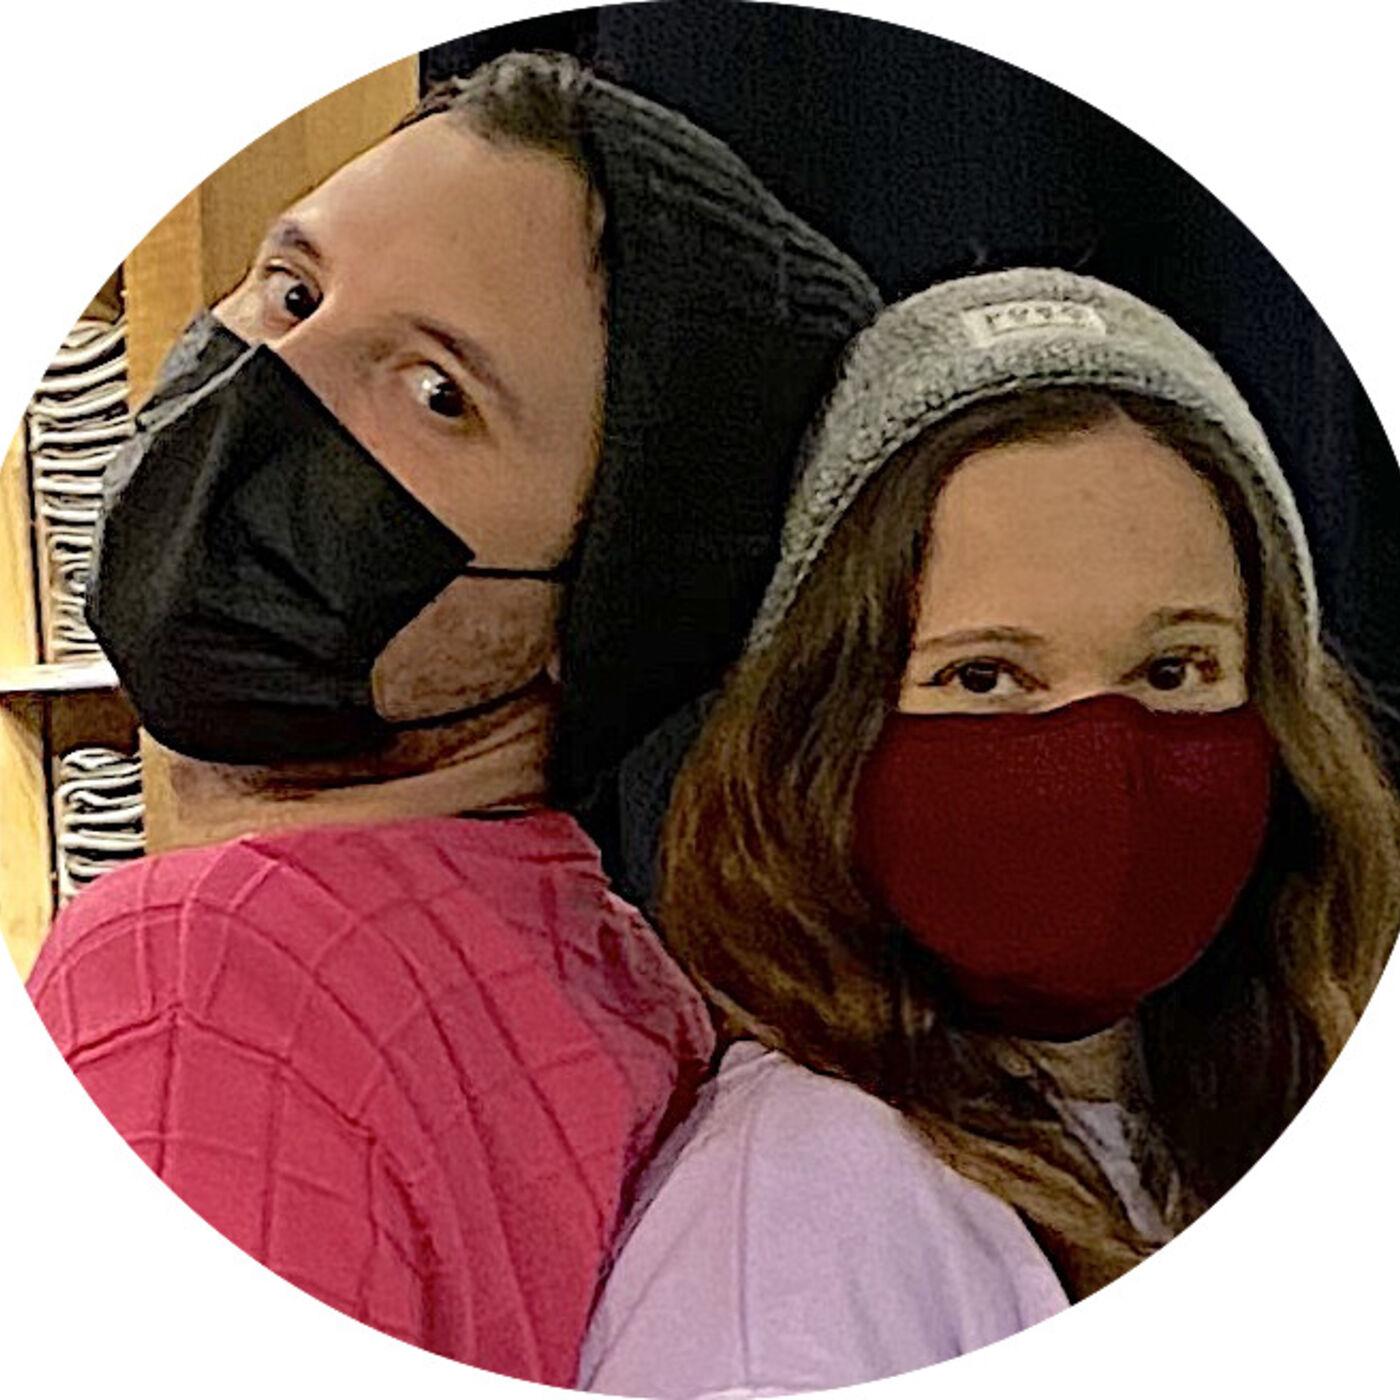 The Last Sip with Rachel & Hiiro - Episode 6